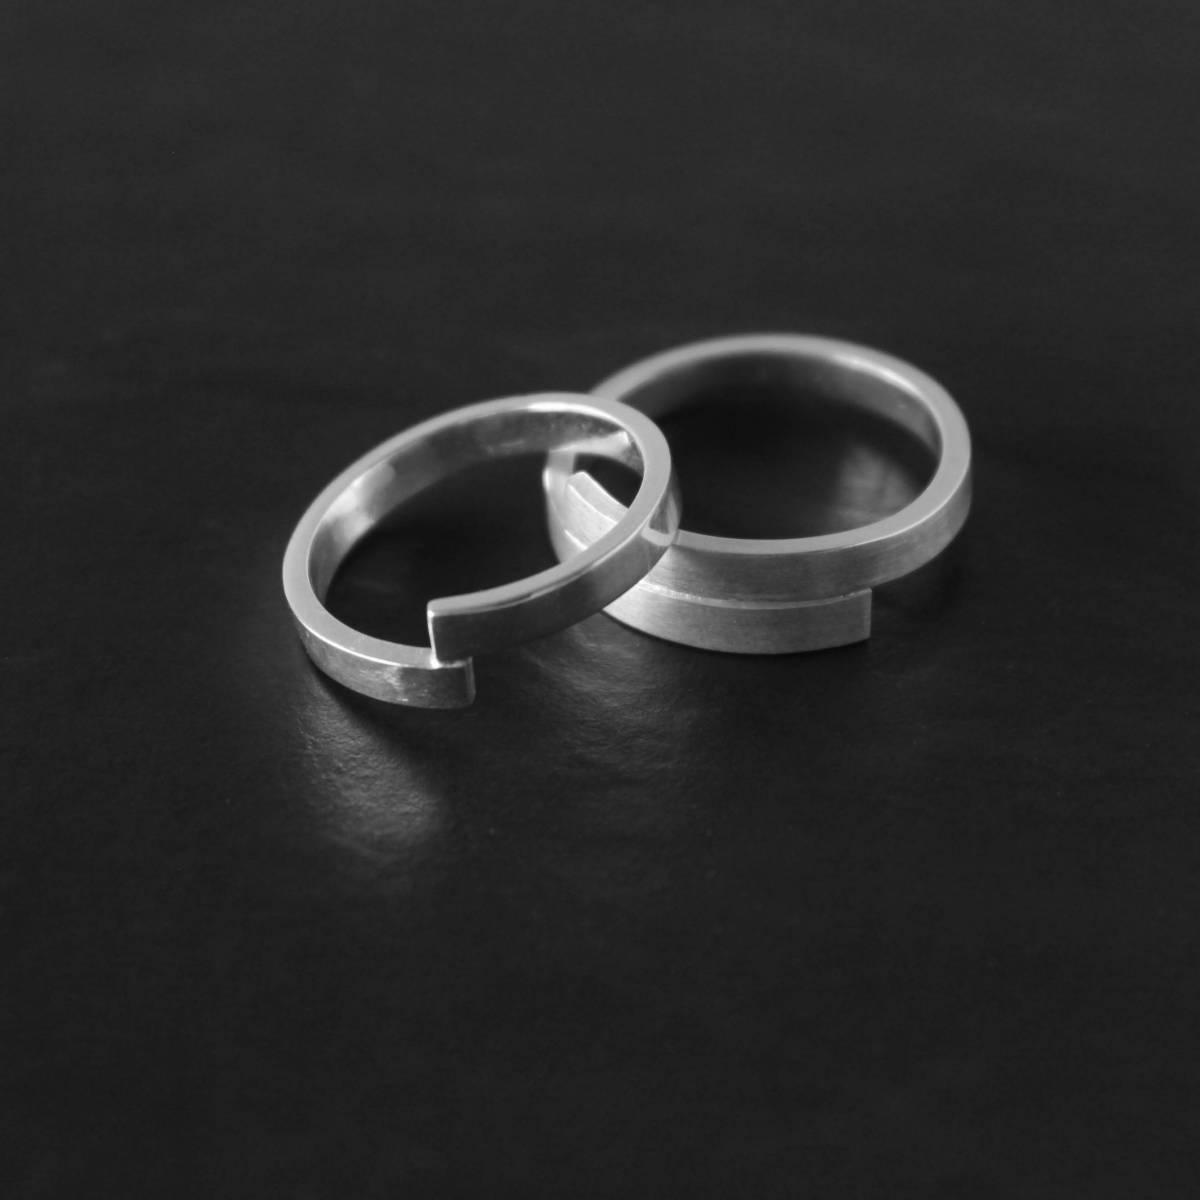 MMAAK - Bruidsjuwelen - Fotograaf Marlies Martens (zelf) - House of Weddings 28